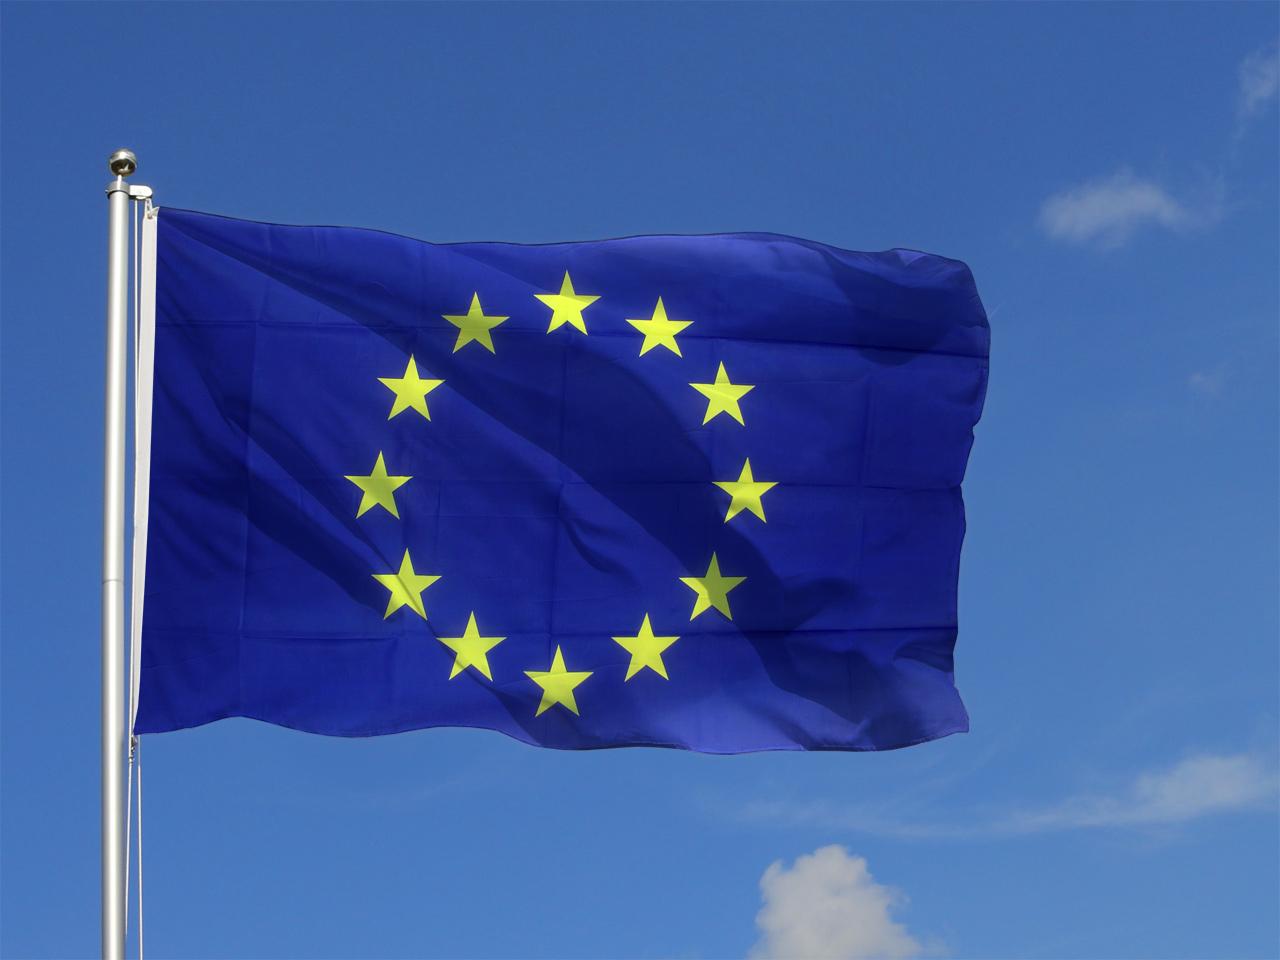 Drapeau Union européenne UE - Acheter drapeaux européens